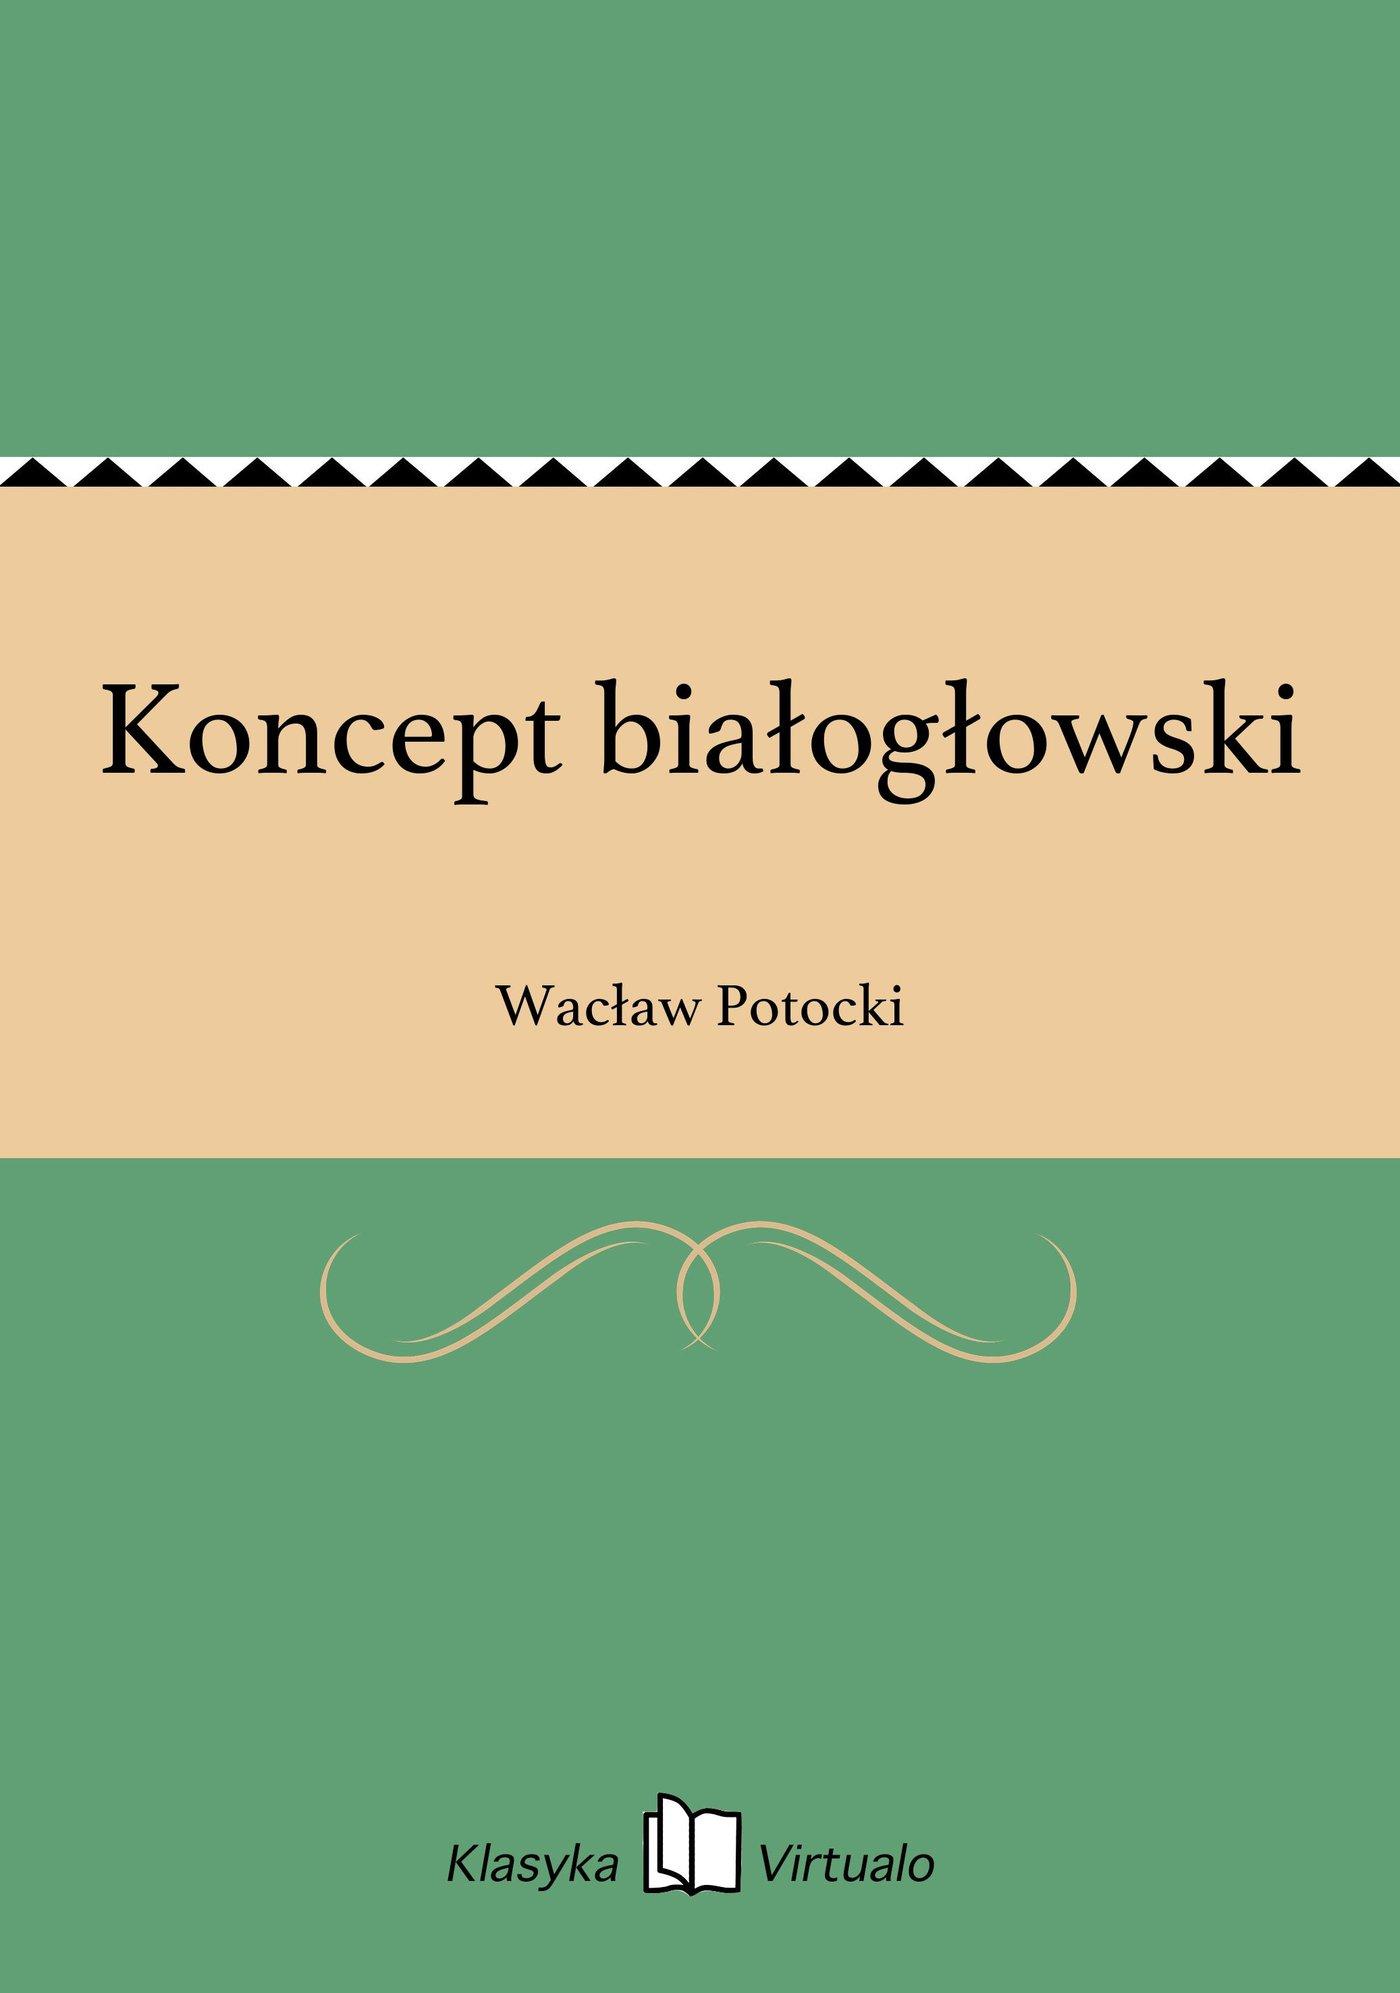 Koncept białogłowski - Ebook (Książka na Kindle) do pobrania w formacie MOBI